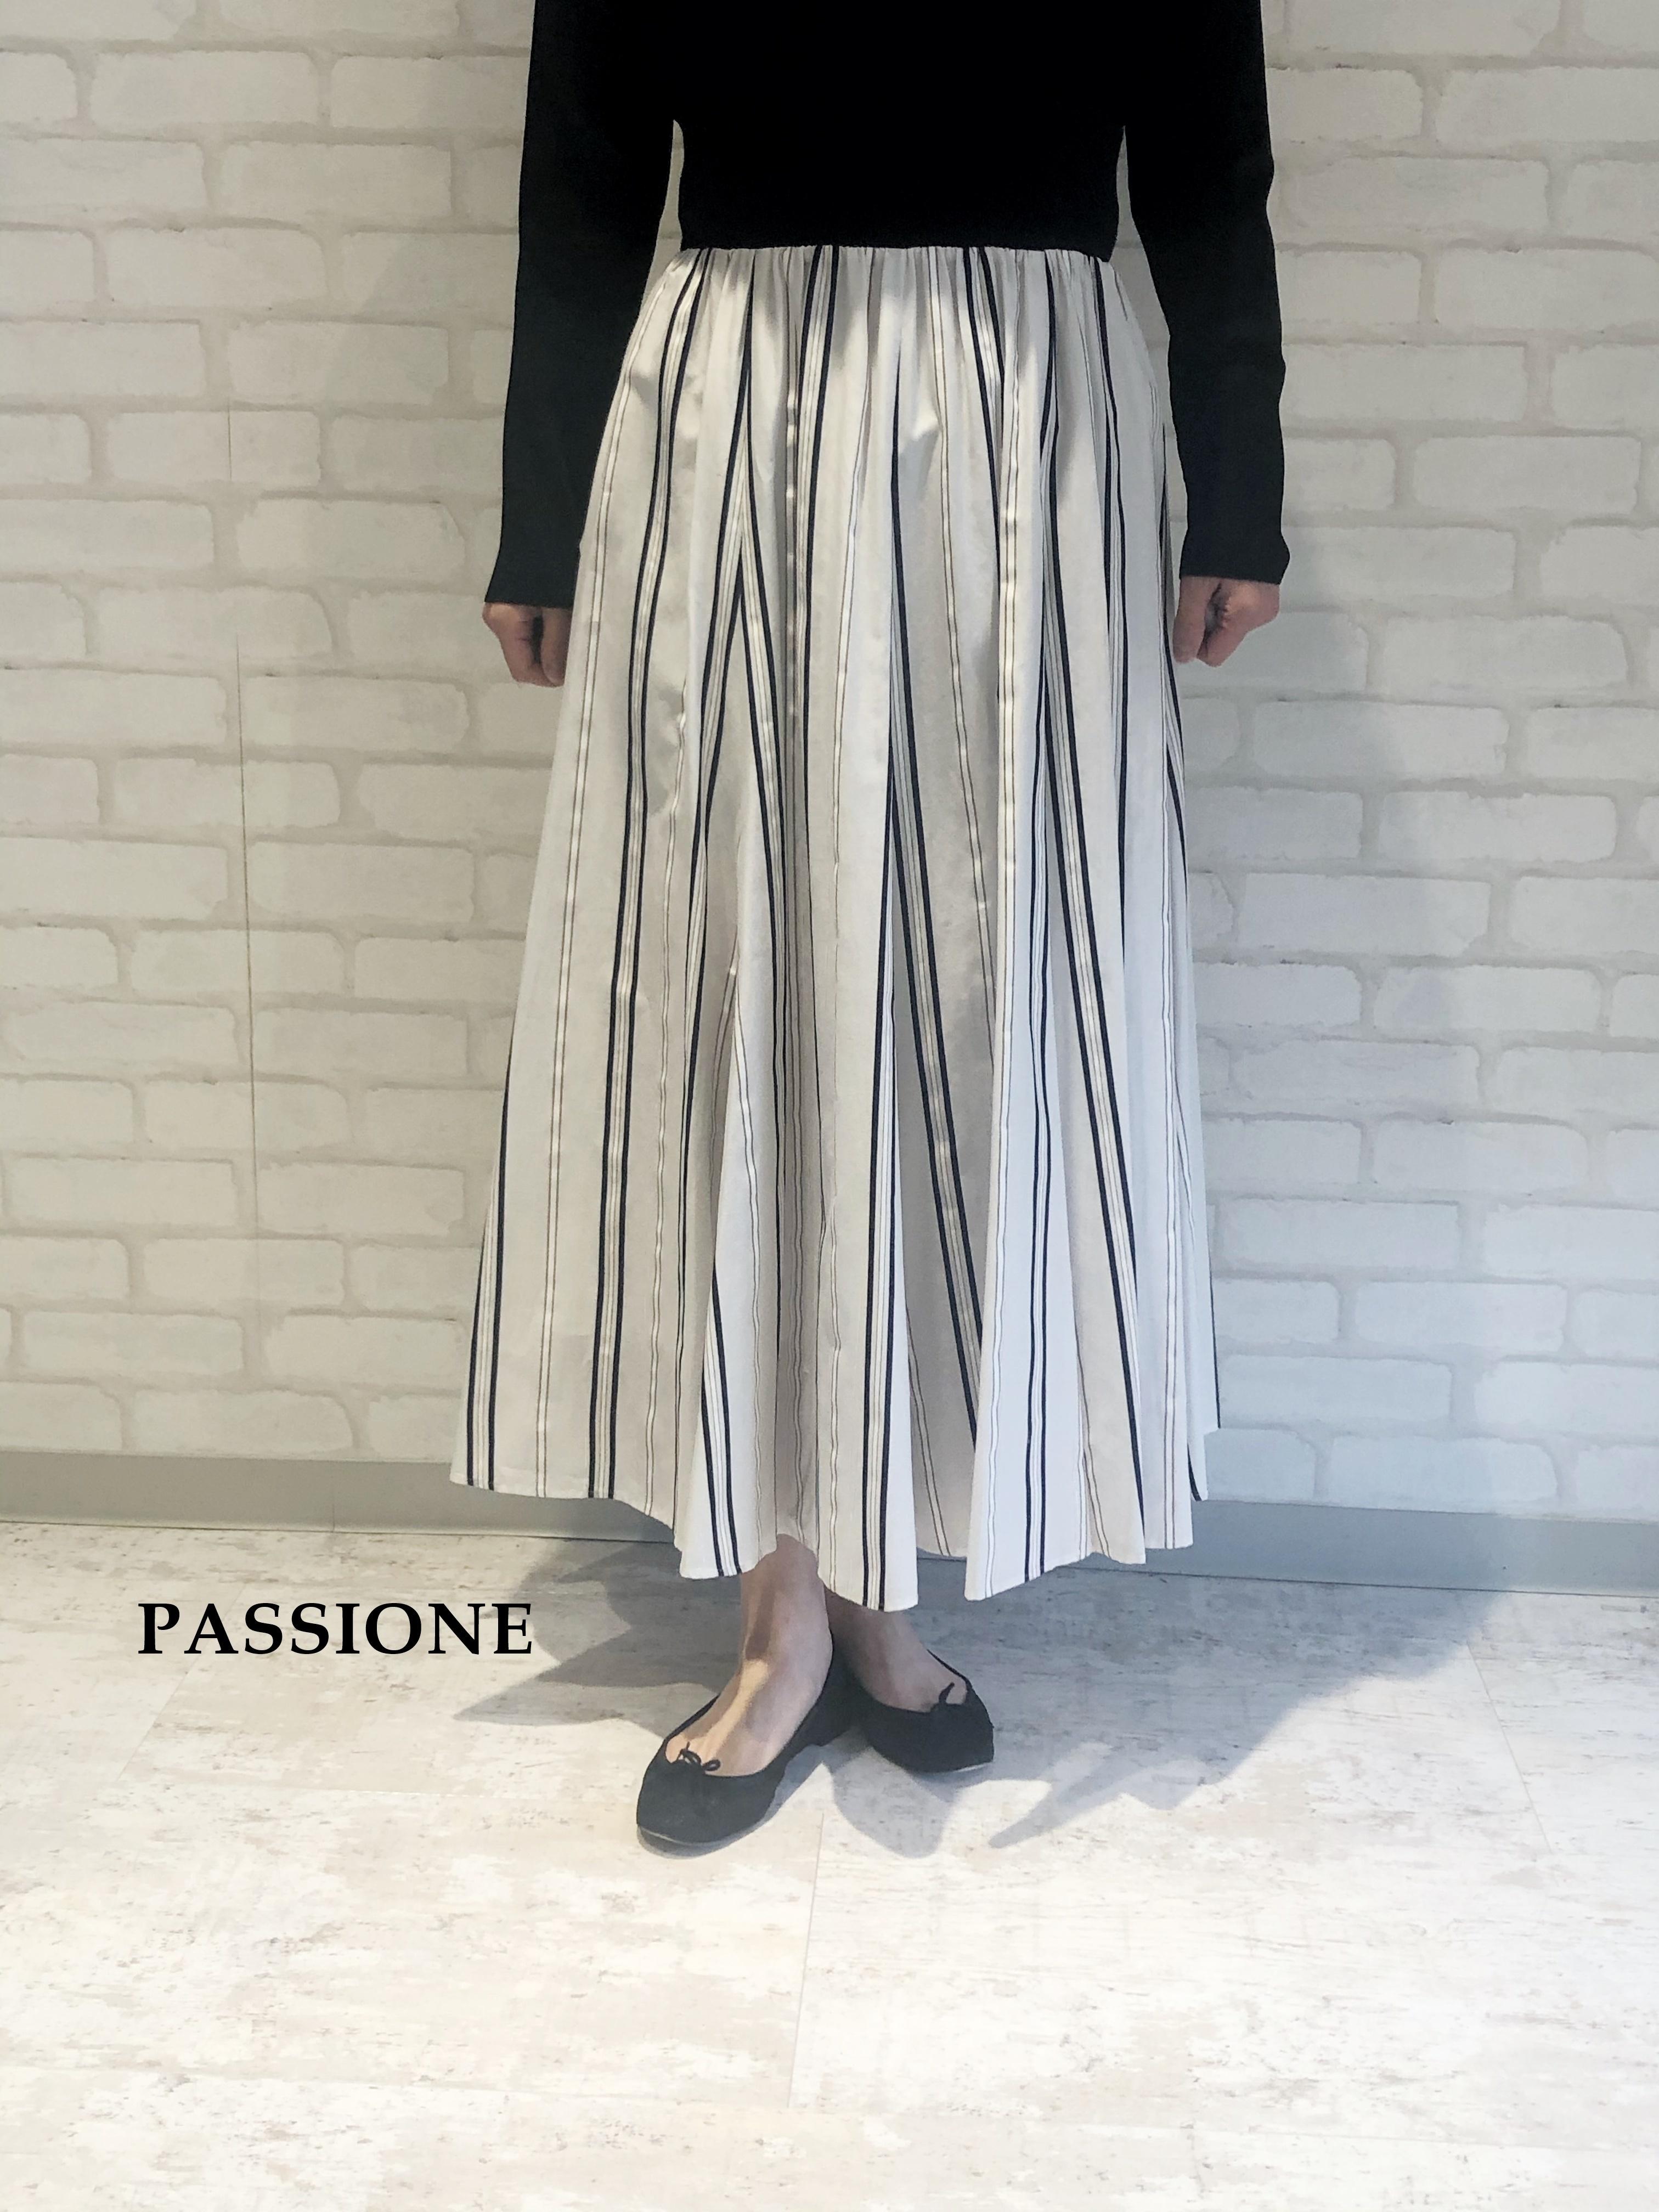 PASSIONE/フレアーロングスカート/116637(ホワイト)